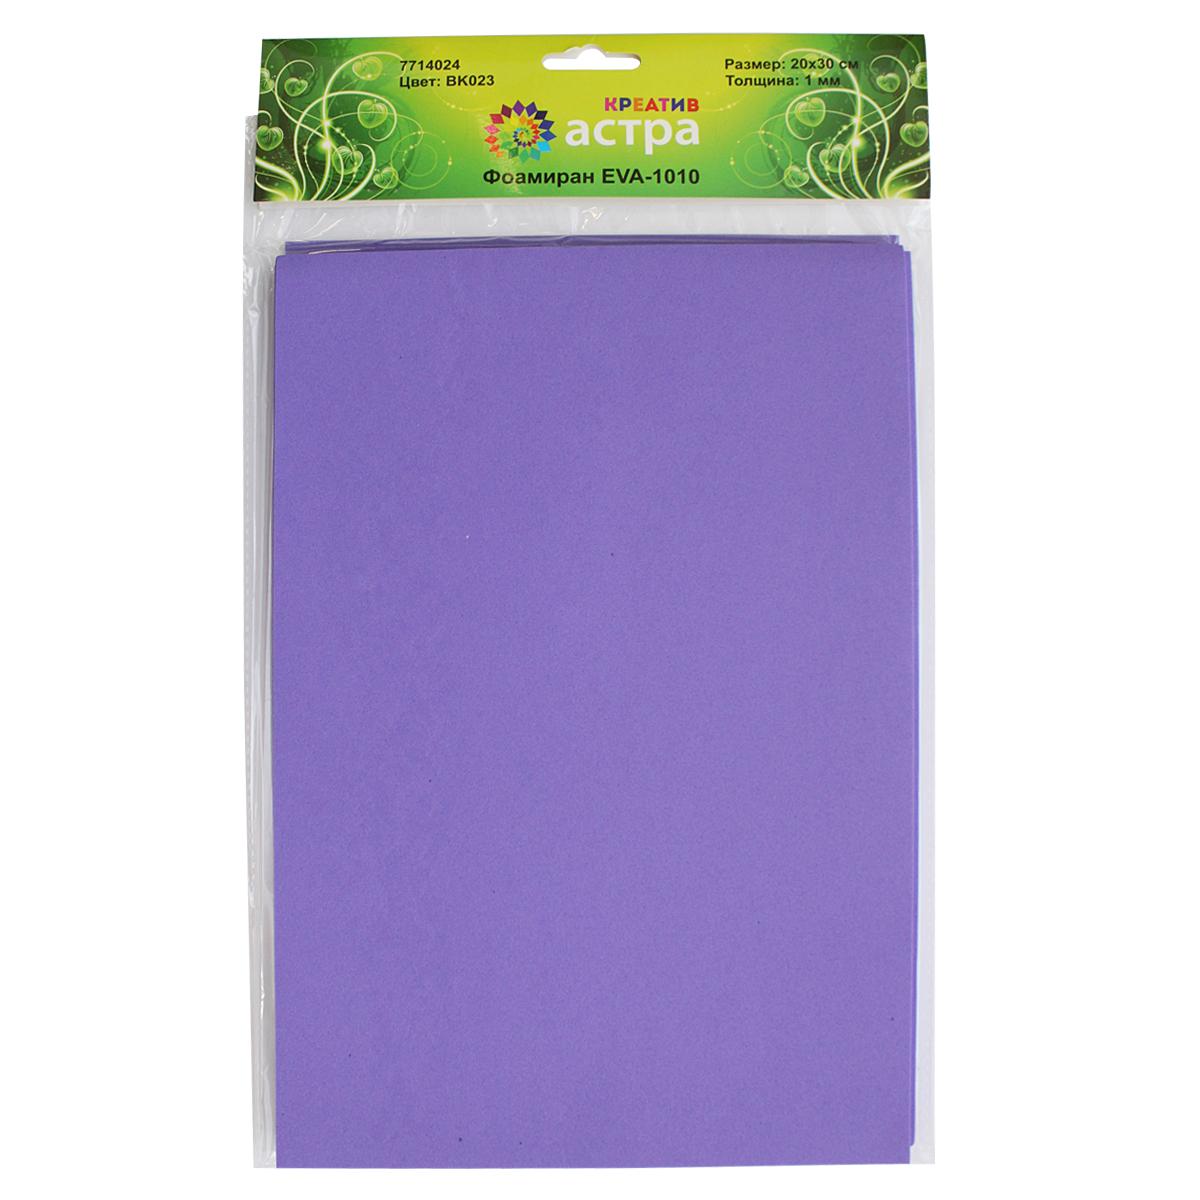 Фоамиран Астра, цвет: фиолетовый, 20 х 30 см, 10 шт7714024_BK023 фиолетовыйФоамиран Астра - это пластичная замша, ее можно применить для создания разнообразного вида декора: открытки, магнитики, цветы, забавные игрушки и т.д. Главная особенность материала фоамиран заключается в его способности к незначительному растяжению, которого вполне достаточно для «запоминания» изделием своей формы.На ощупь мягкая синтетическая замша очень приятна и податлива, поэтому работать с ней не составит труда даже начинающему.Размер ткани: 200 x 300 мм. В упаковке 10 штук.